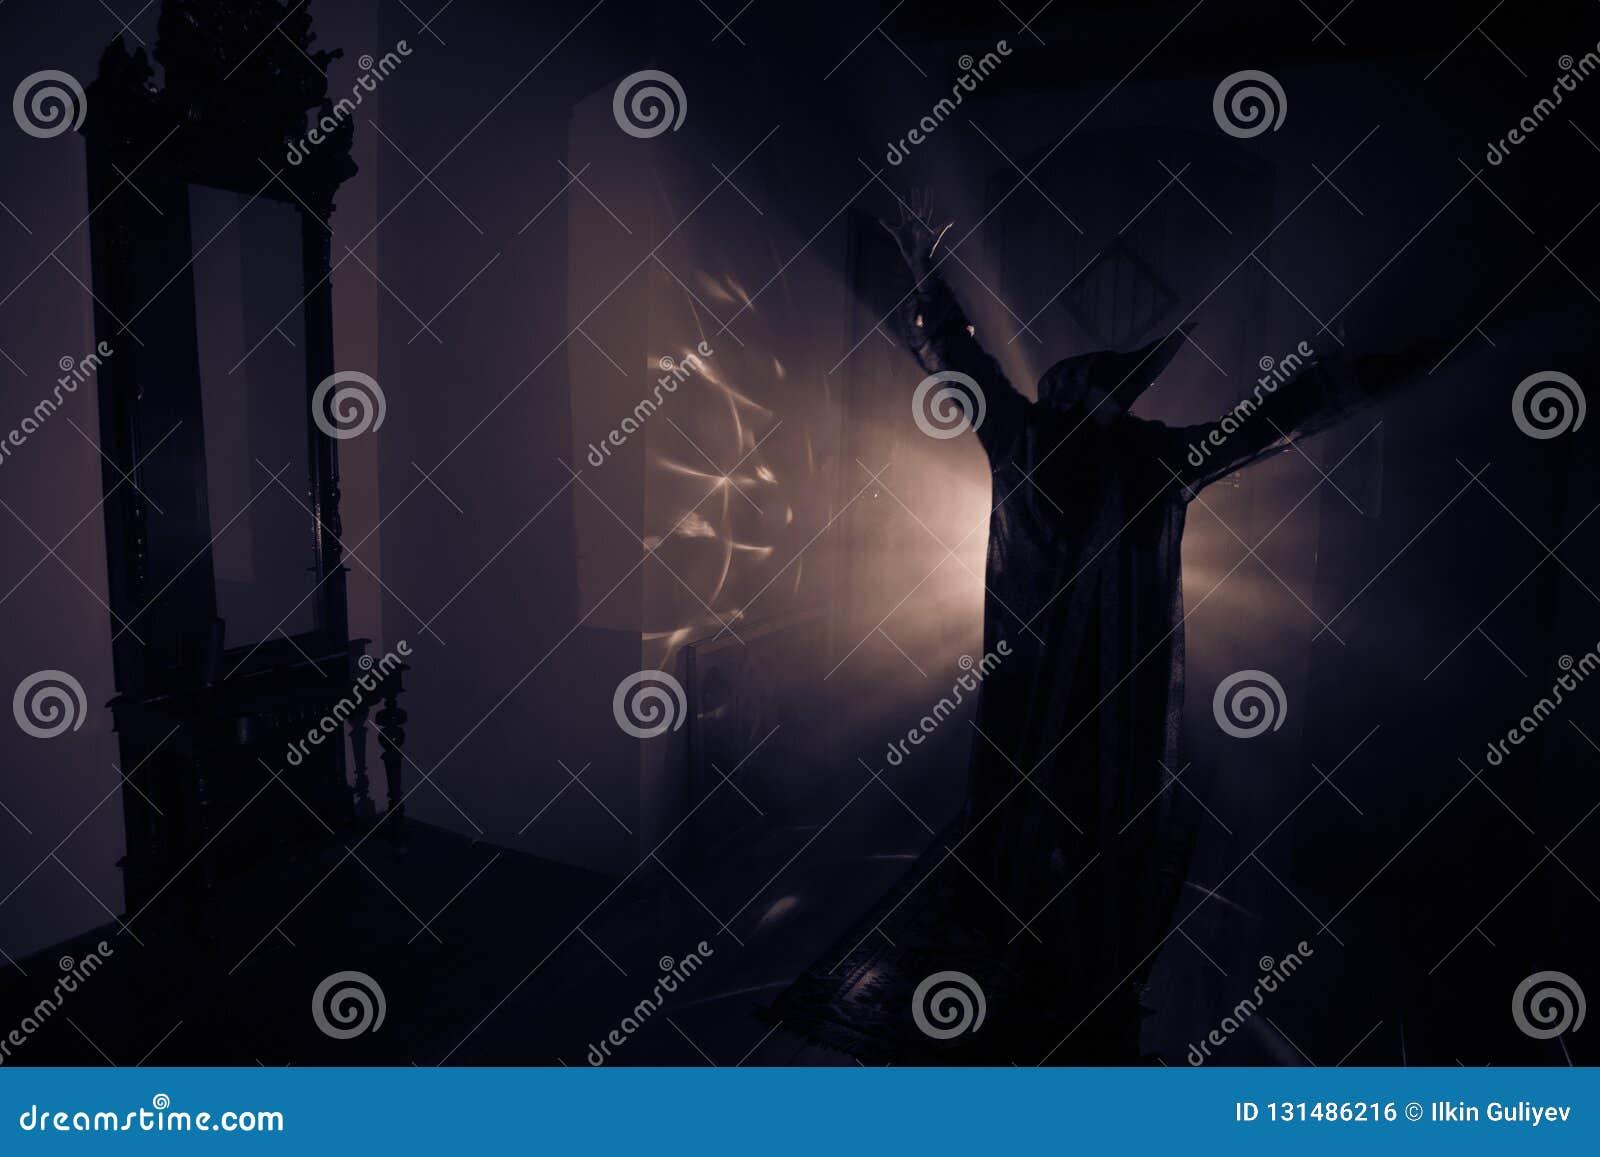 Σκιαγραφία φρίκης του φαντάσματος μέσα στο σκοτεινό δωμάτιο με τον καθρέφτη Τρομακτική έννοια αποκριών Σκιαγραφία του συχνασμένου